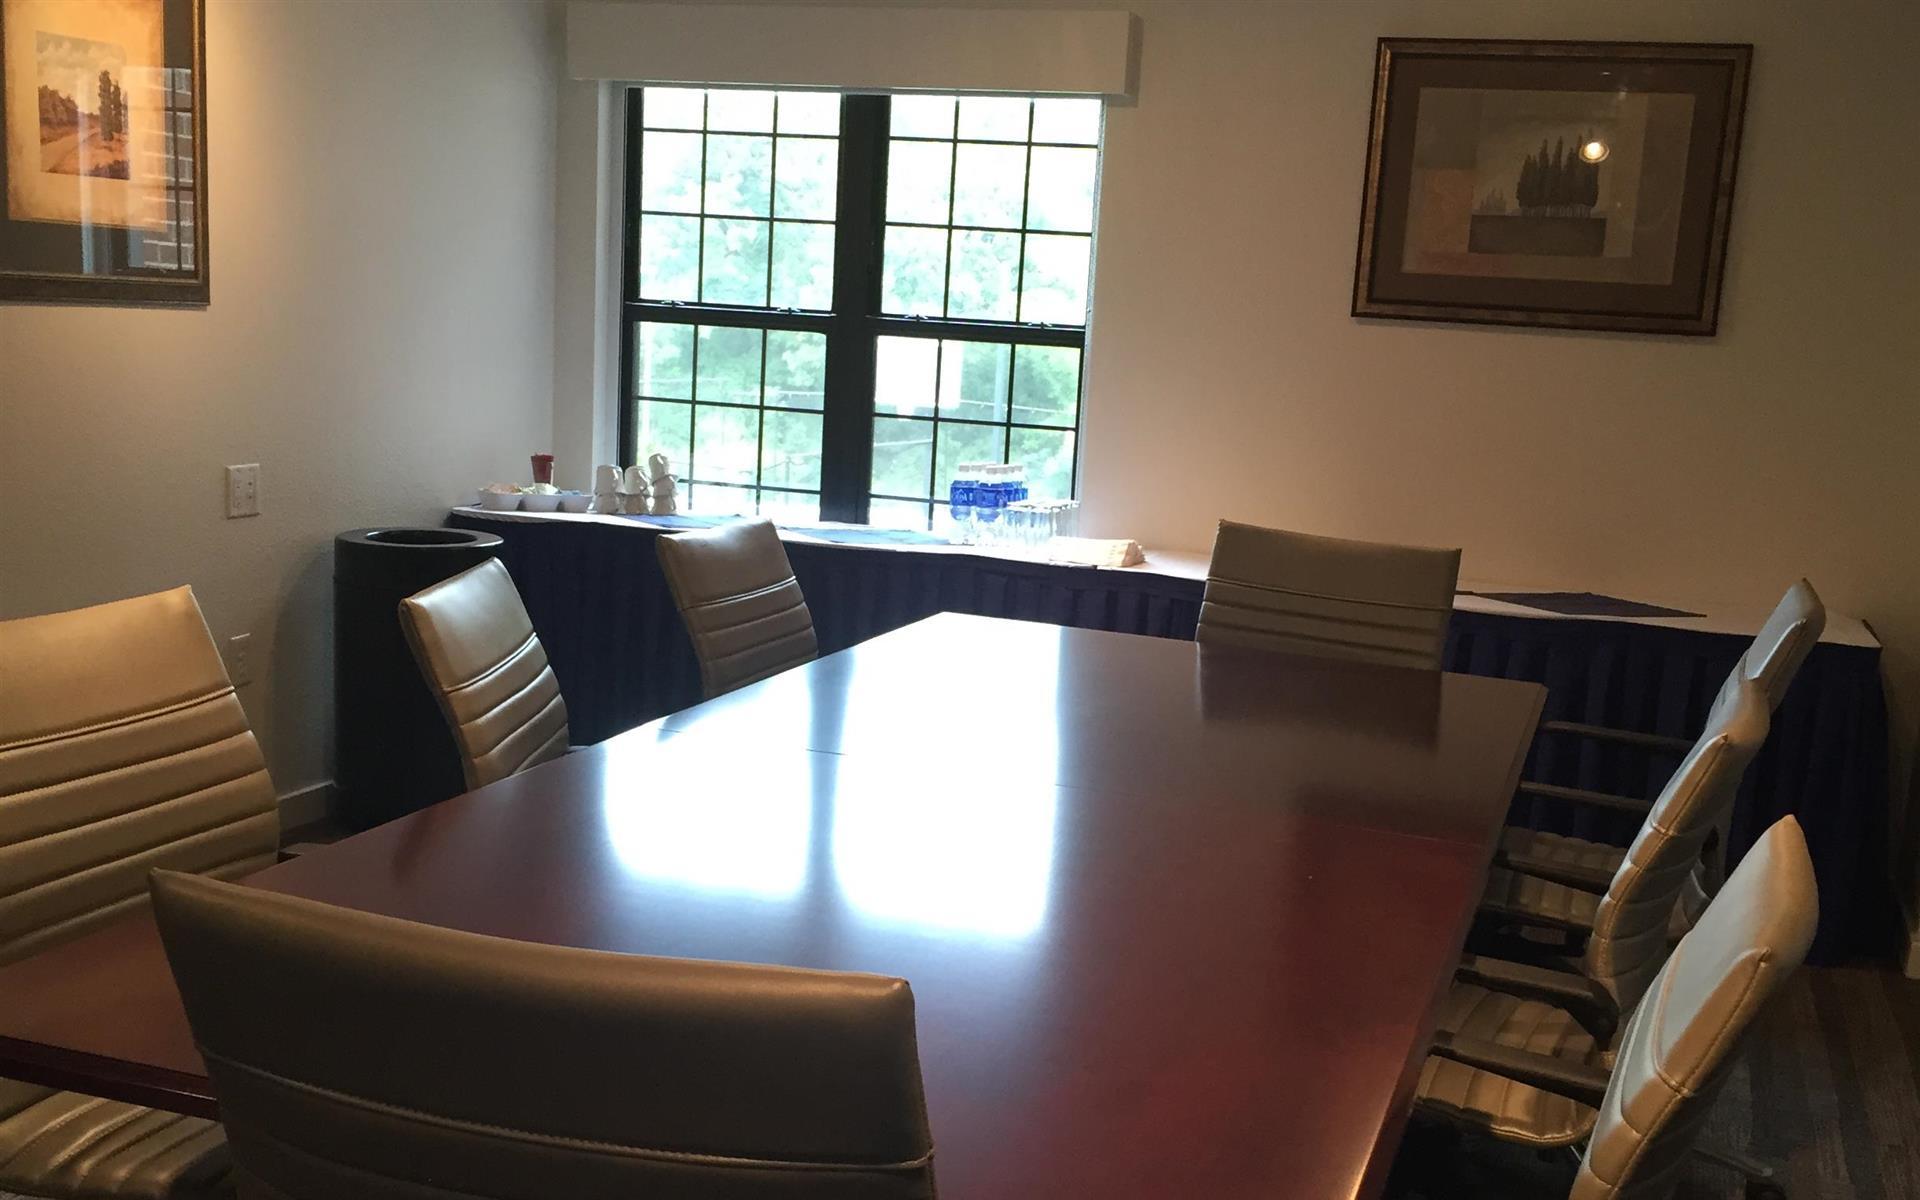 Hyatt House Parsippany East - New Jersey - Kimball room